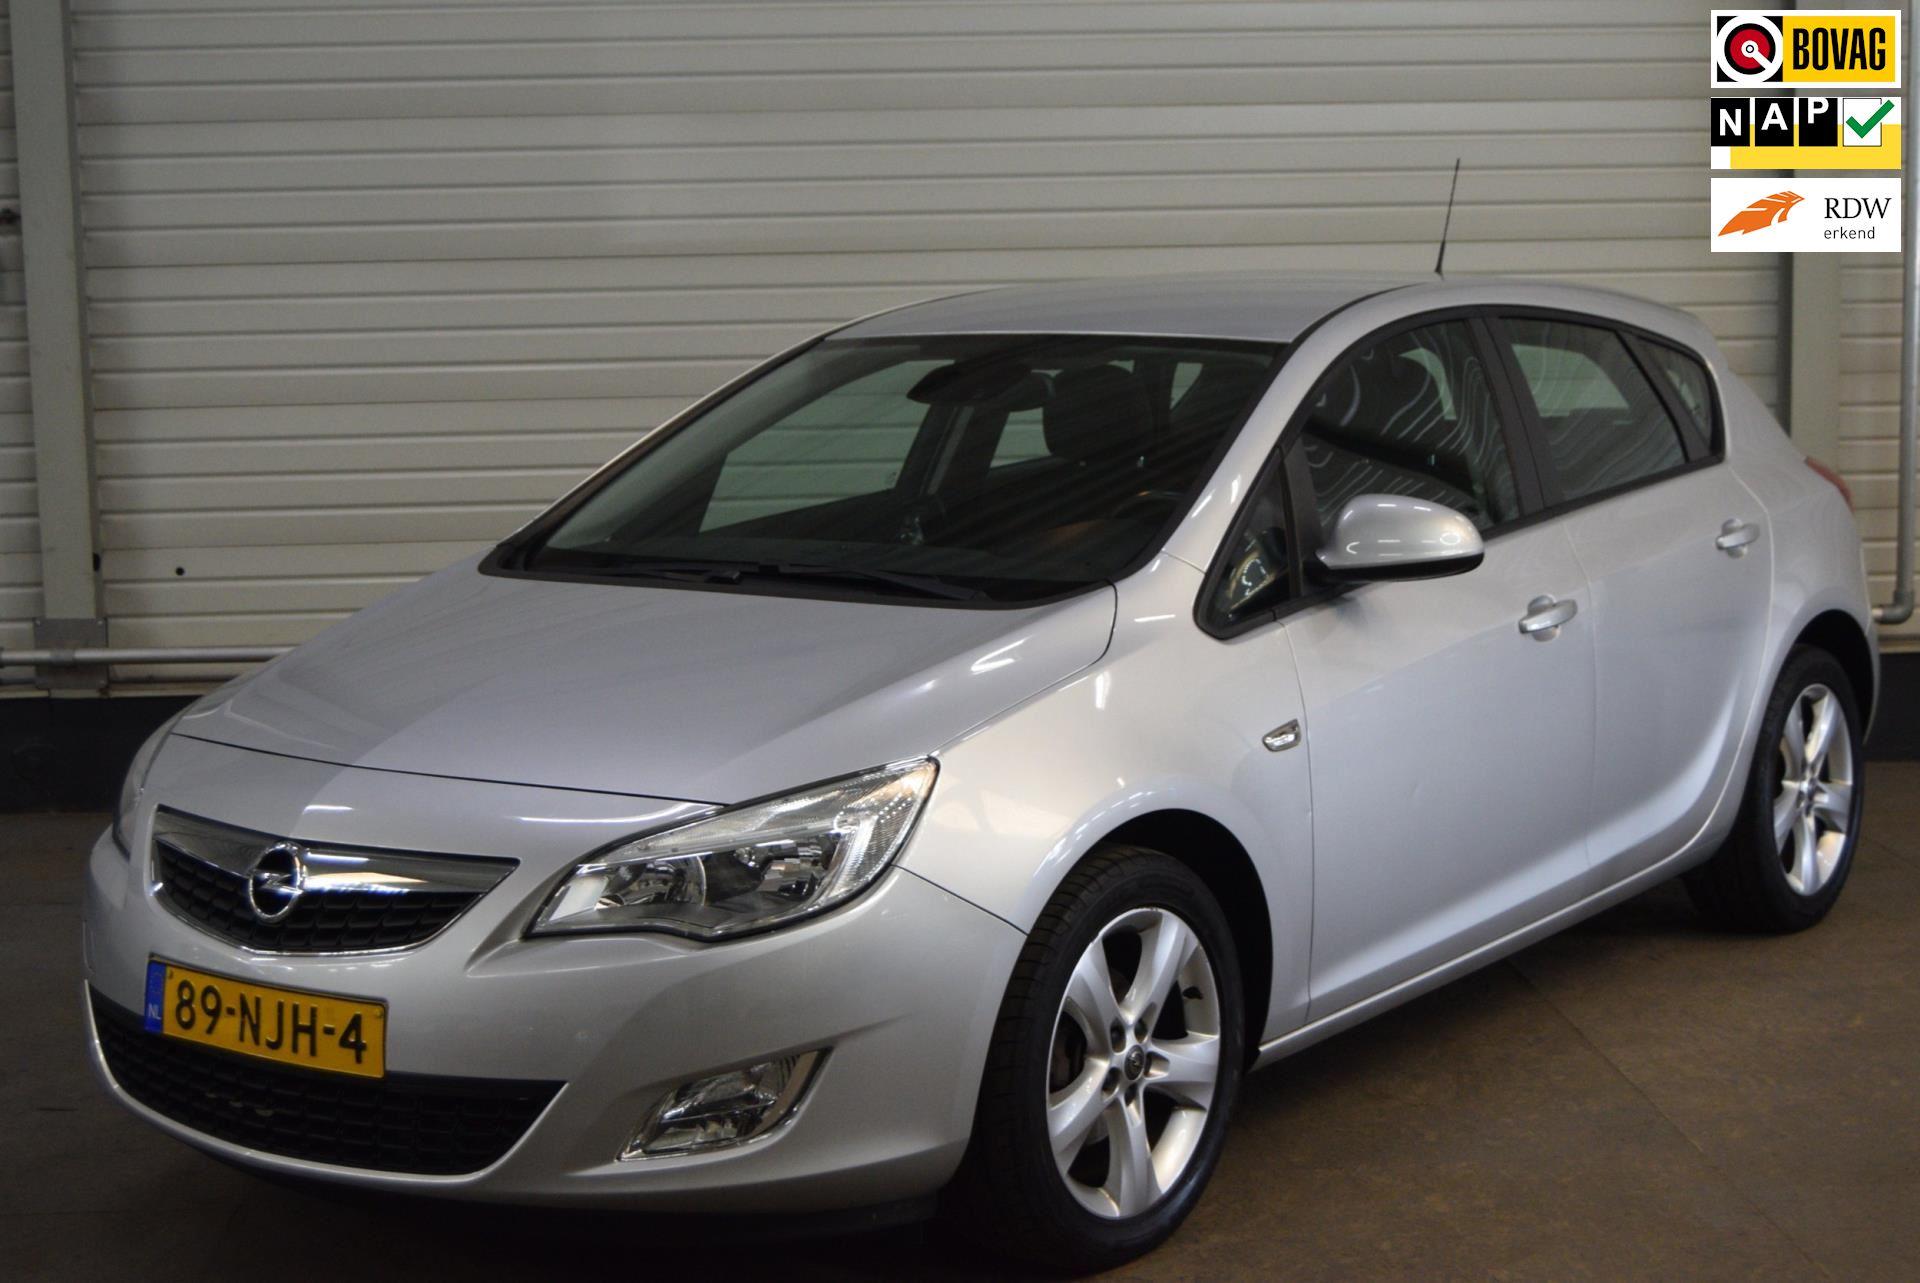 Opel Astra occasion - Autobedrijf van de Werken bv